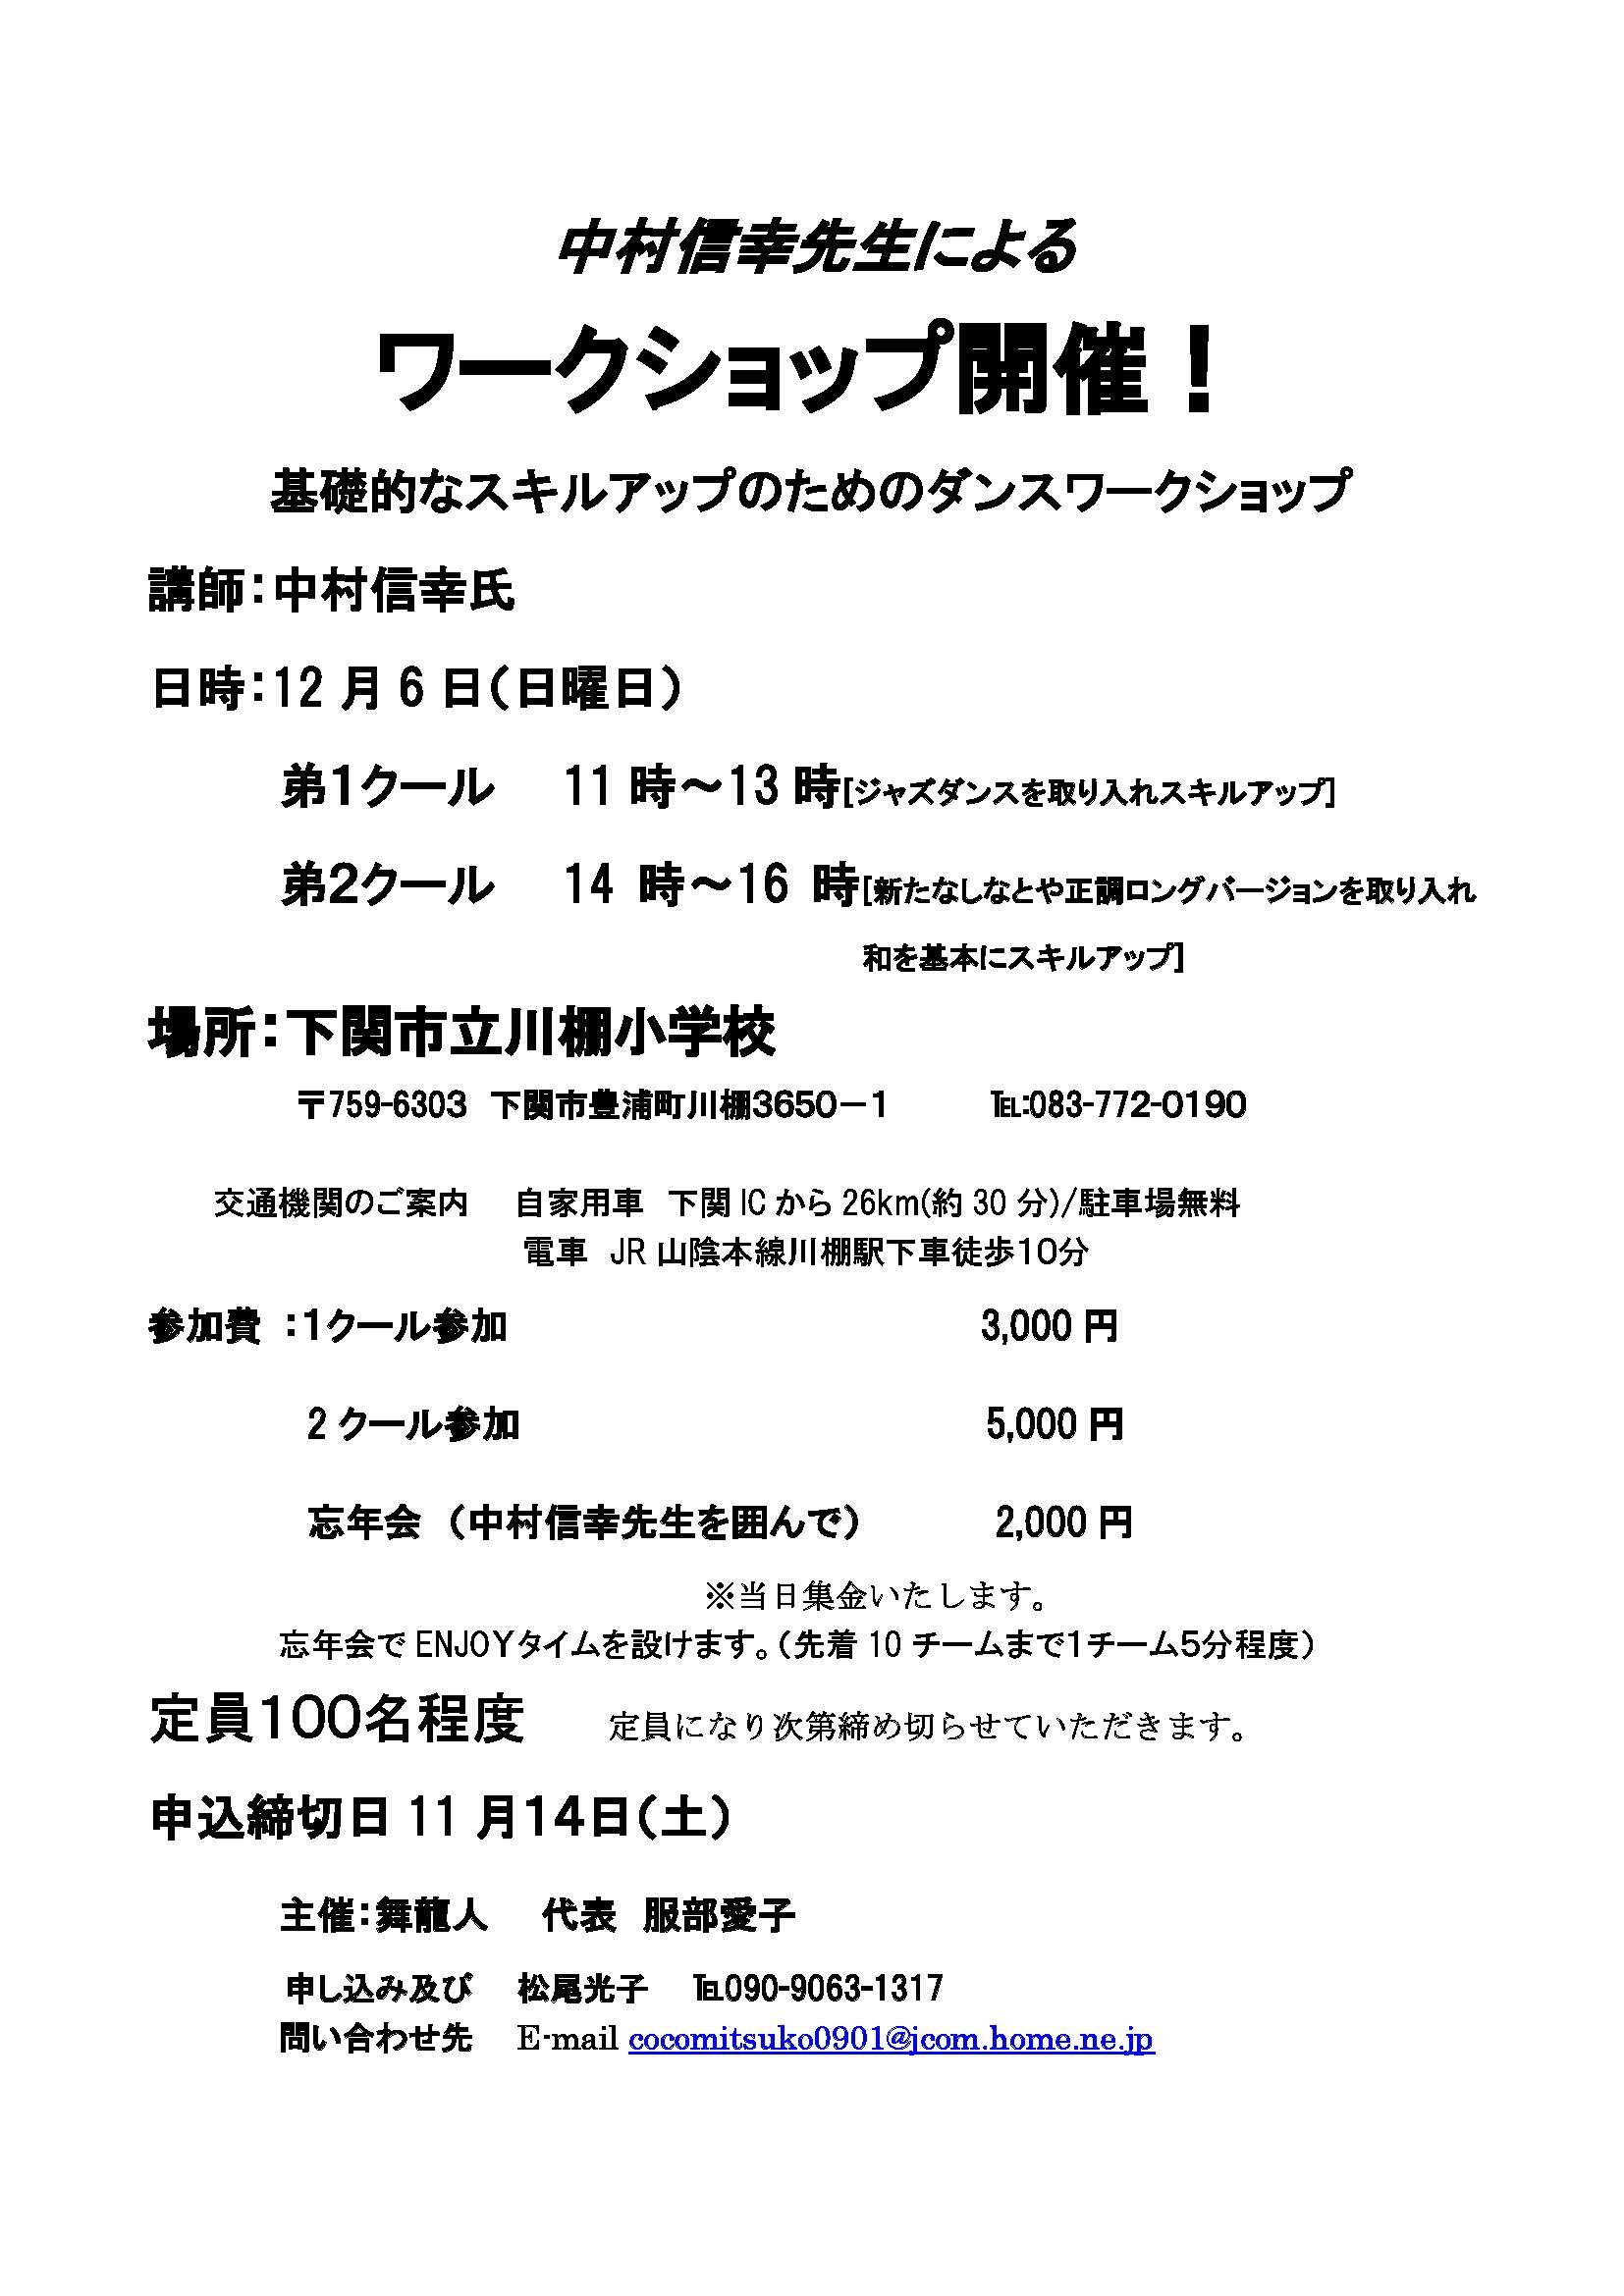 山口県よさこい連絡協議会 http://www.yamayosa.com/